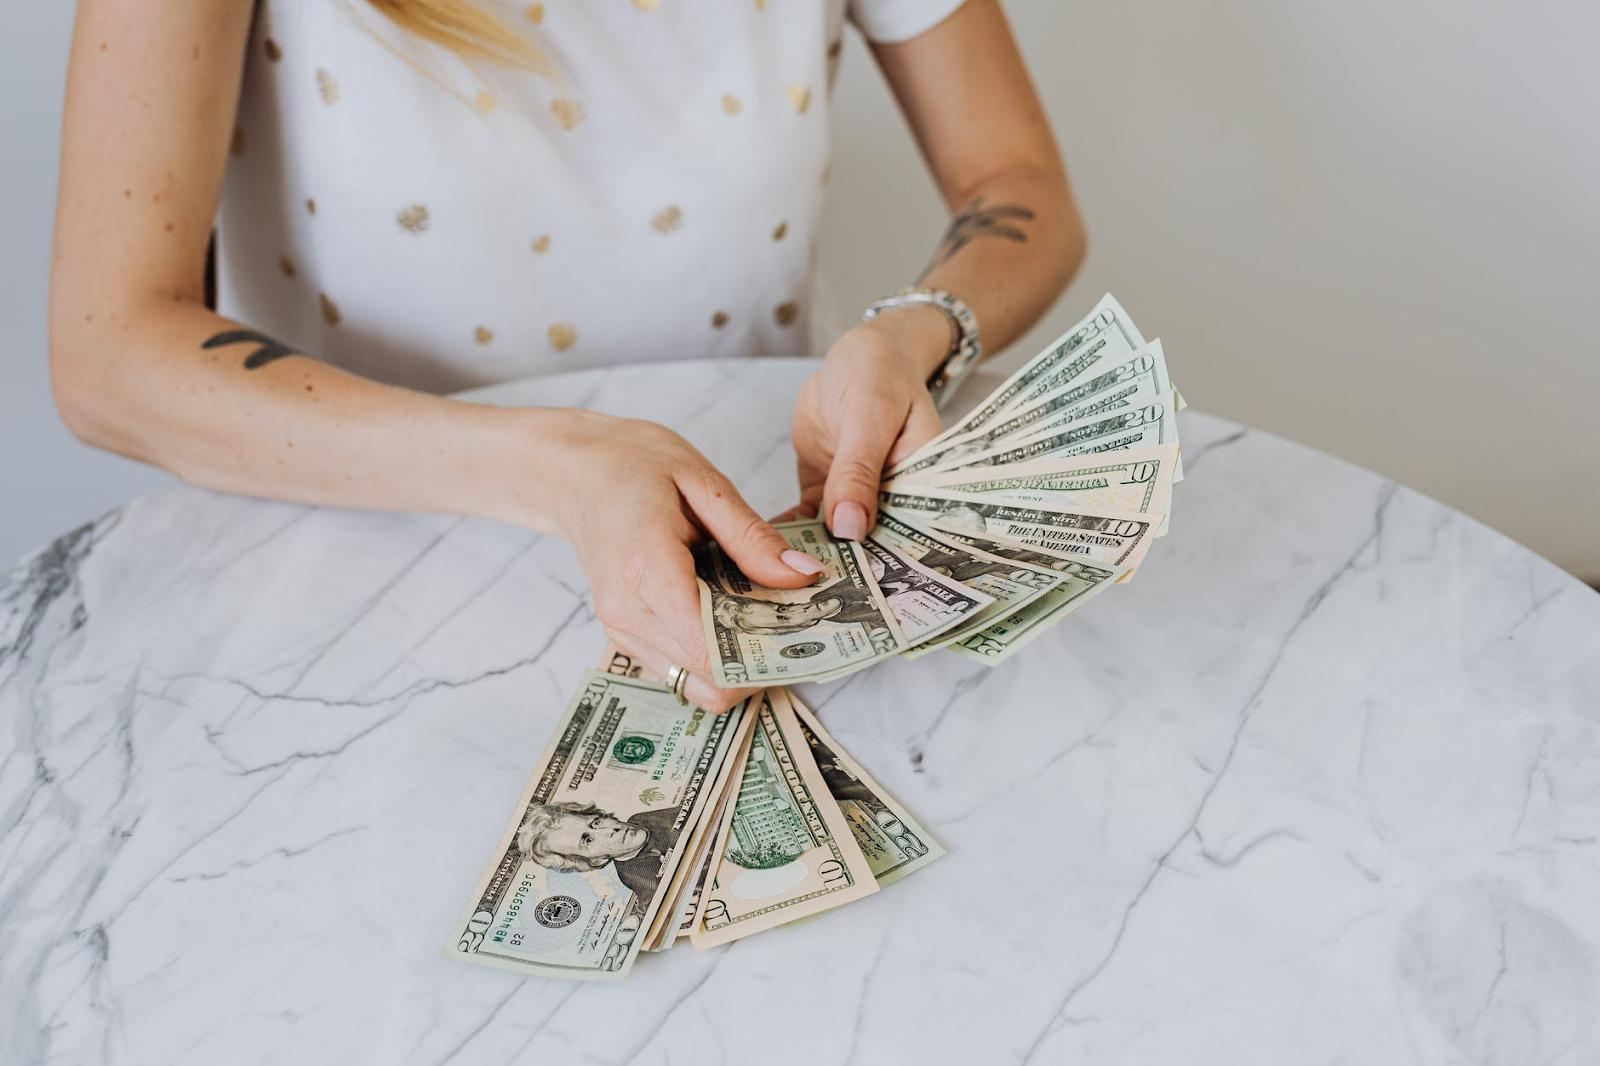 Dinero destinado a ahorros